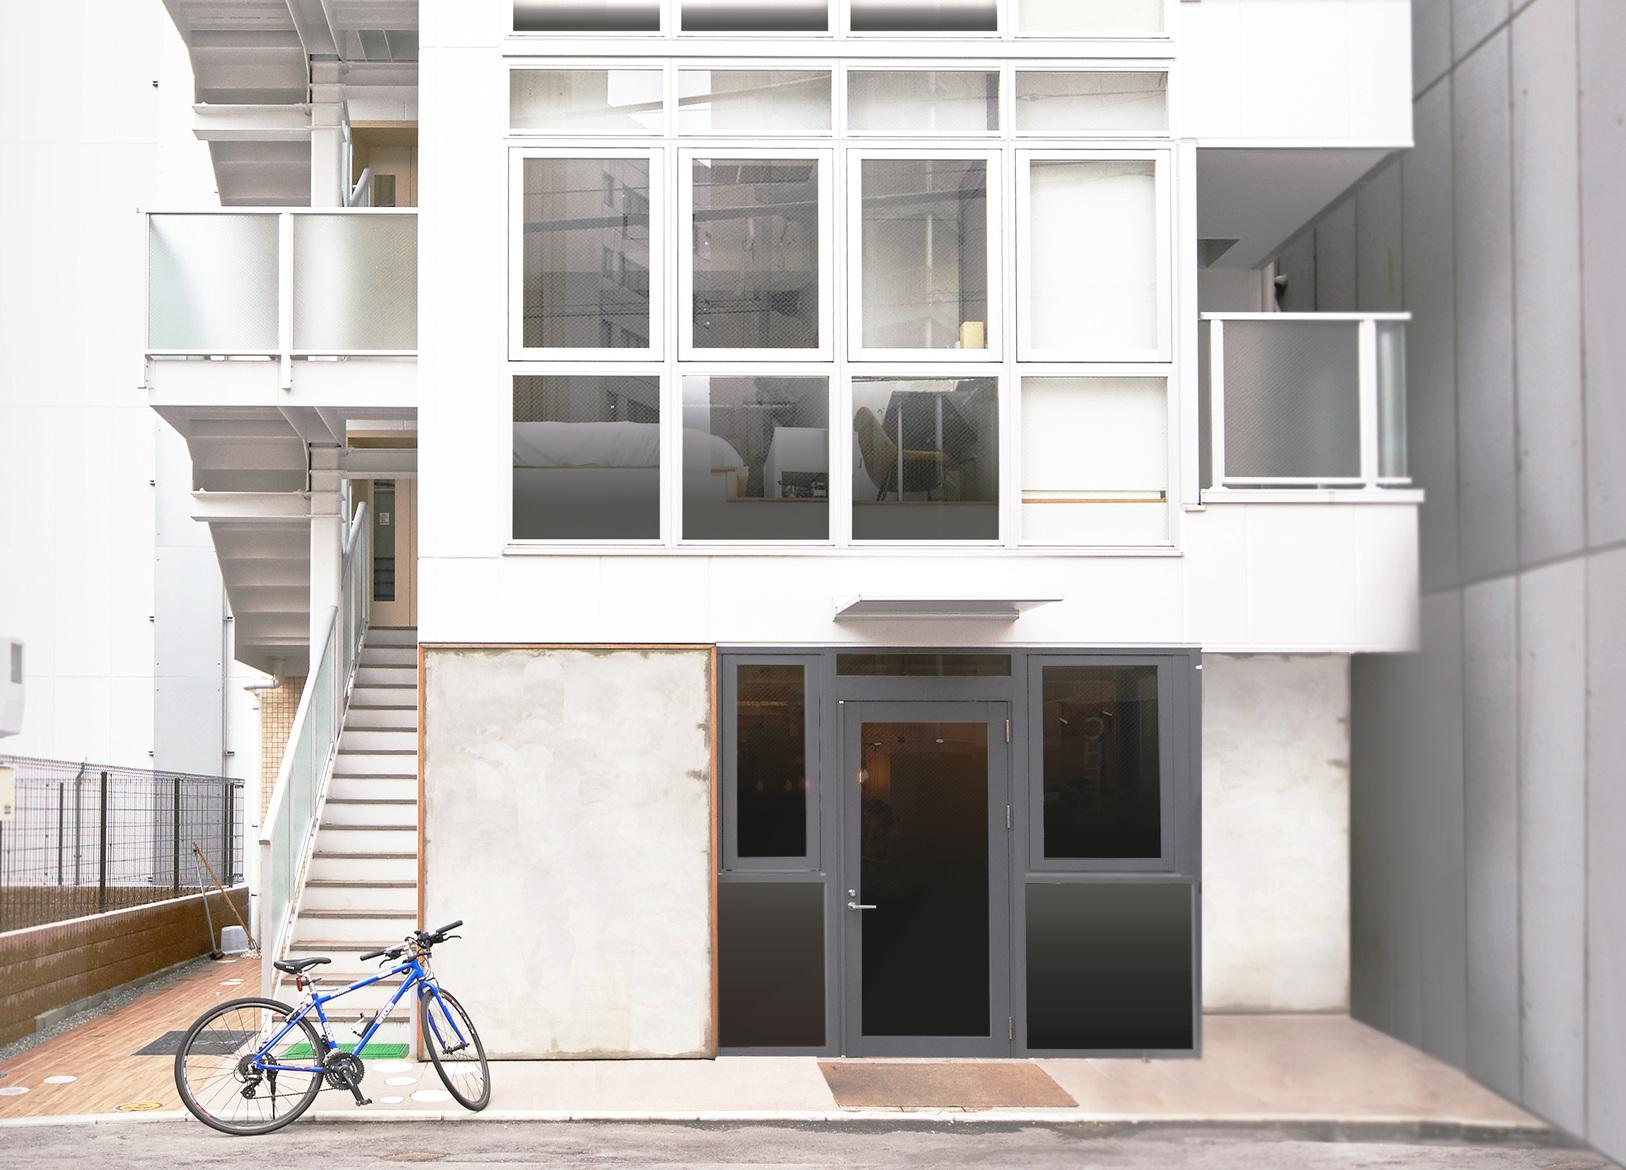 mizuka Hakata 1 unmanned hotel